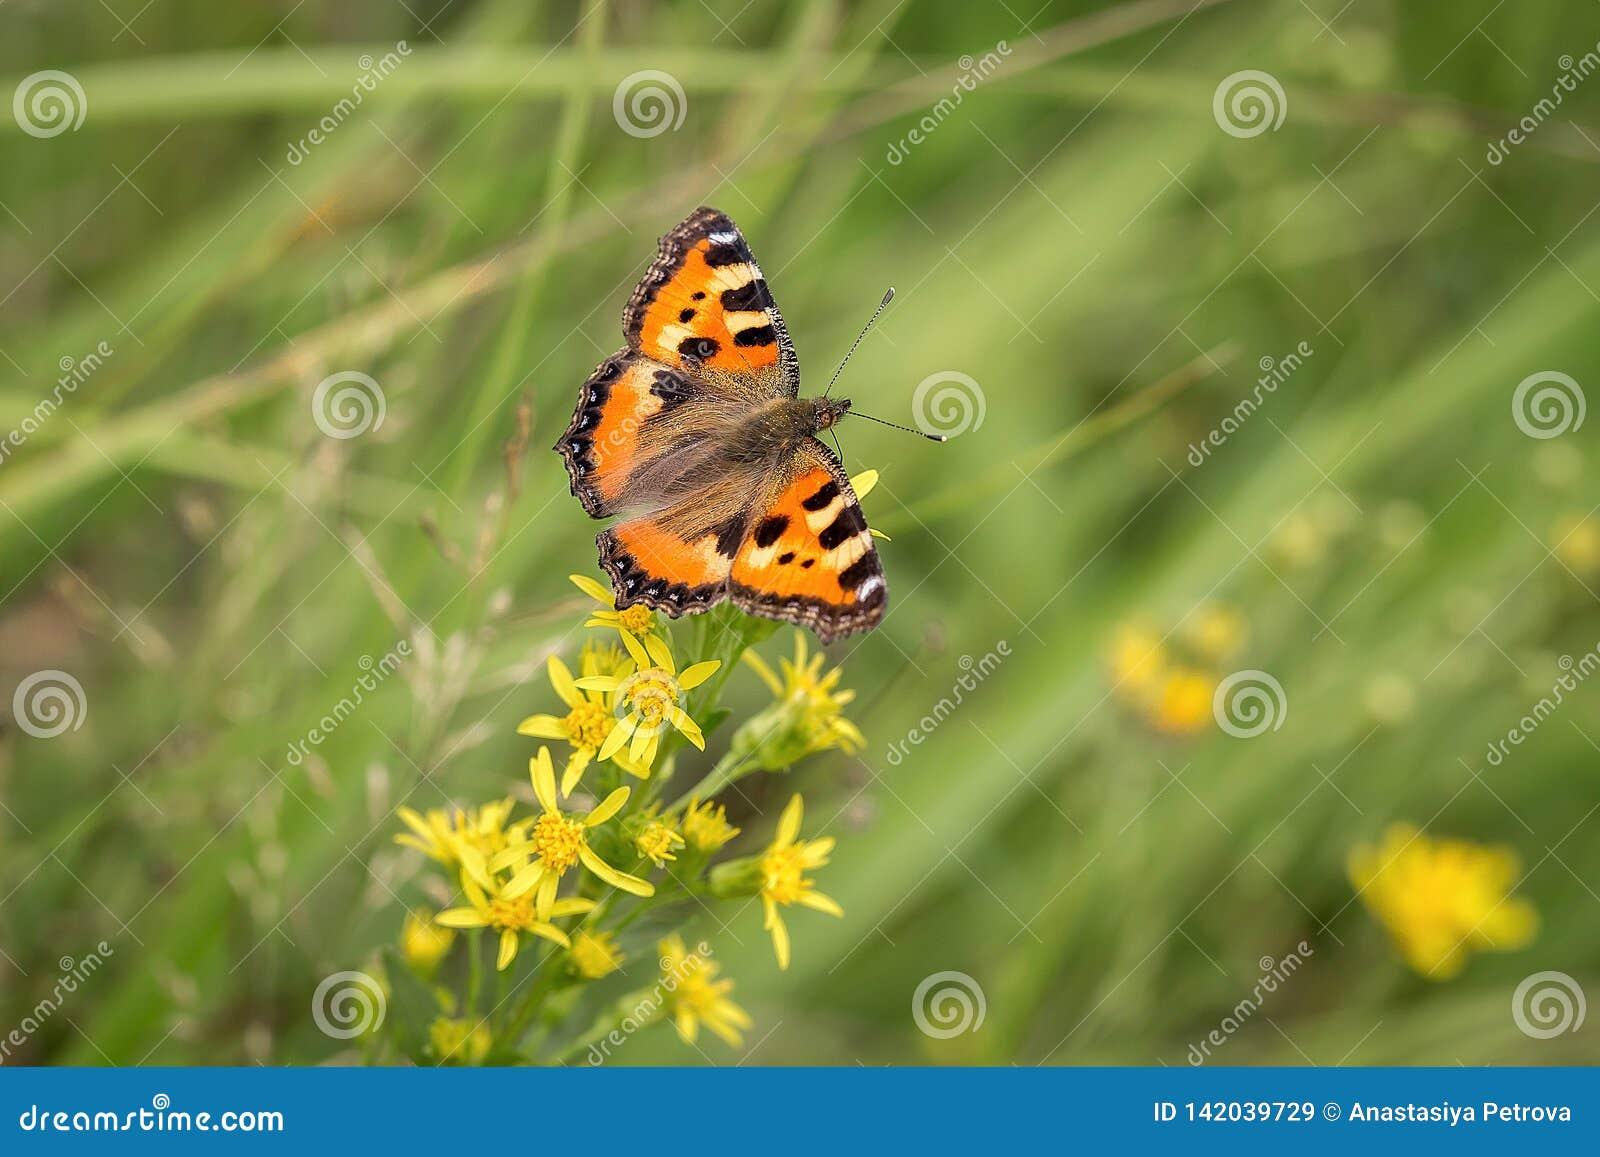 Butterfly in the green field